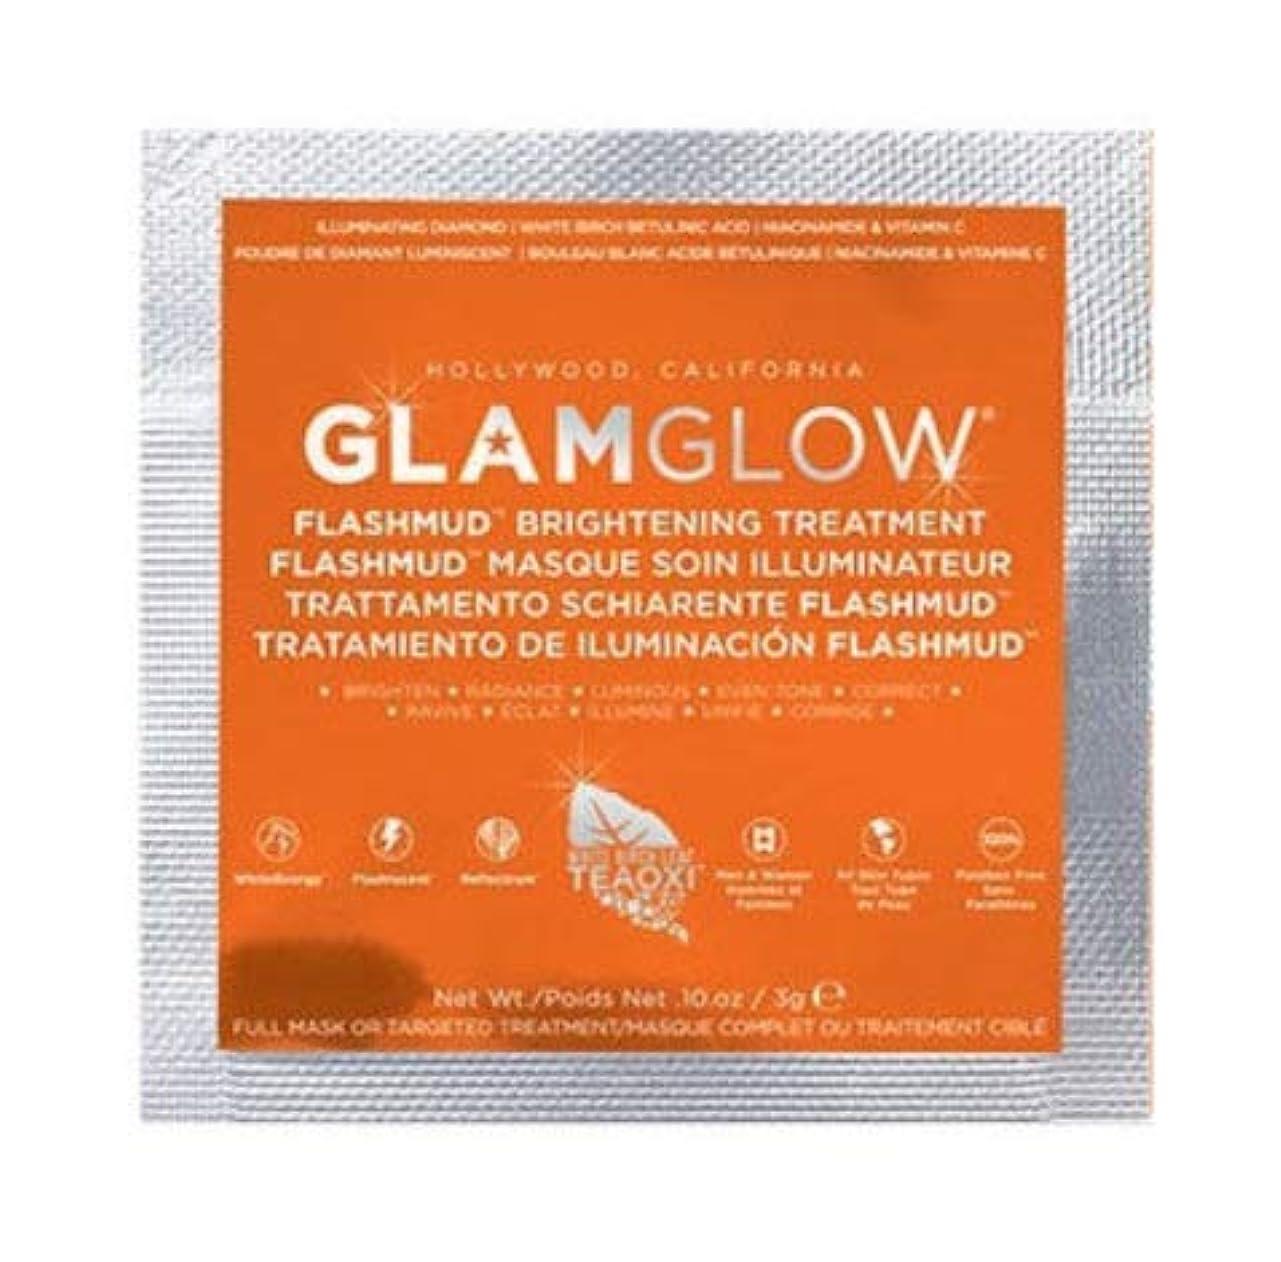 サンダー歯痛サスペンド【サンプルサイズ】グラムグロウ (GLAMGLOW) FLASHMUD 3g (1回分) [並行輸入品]